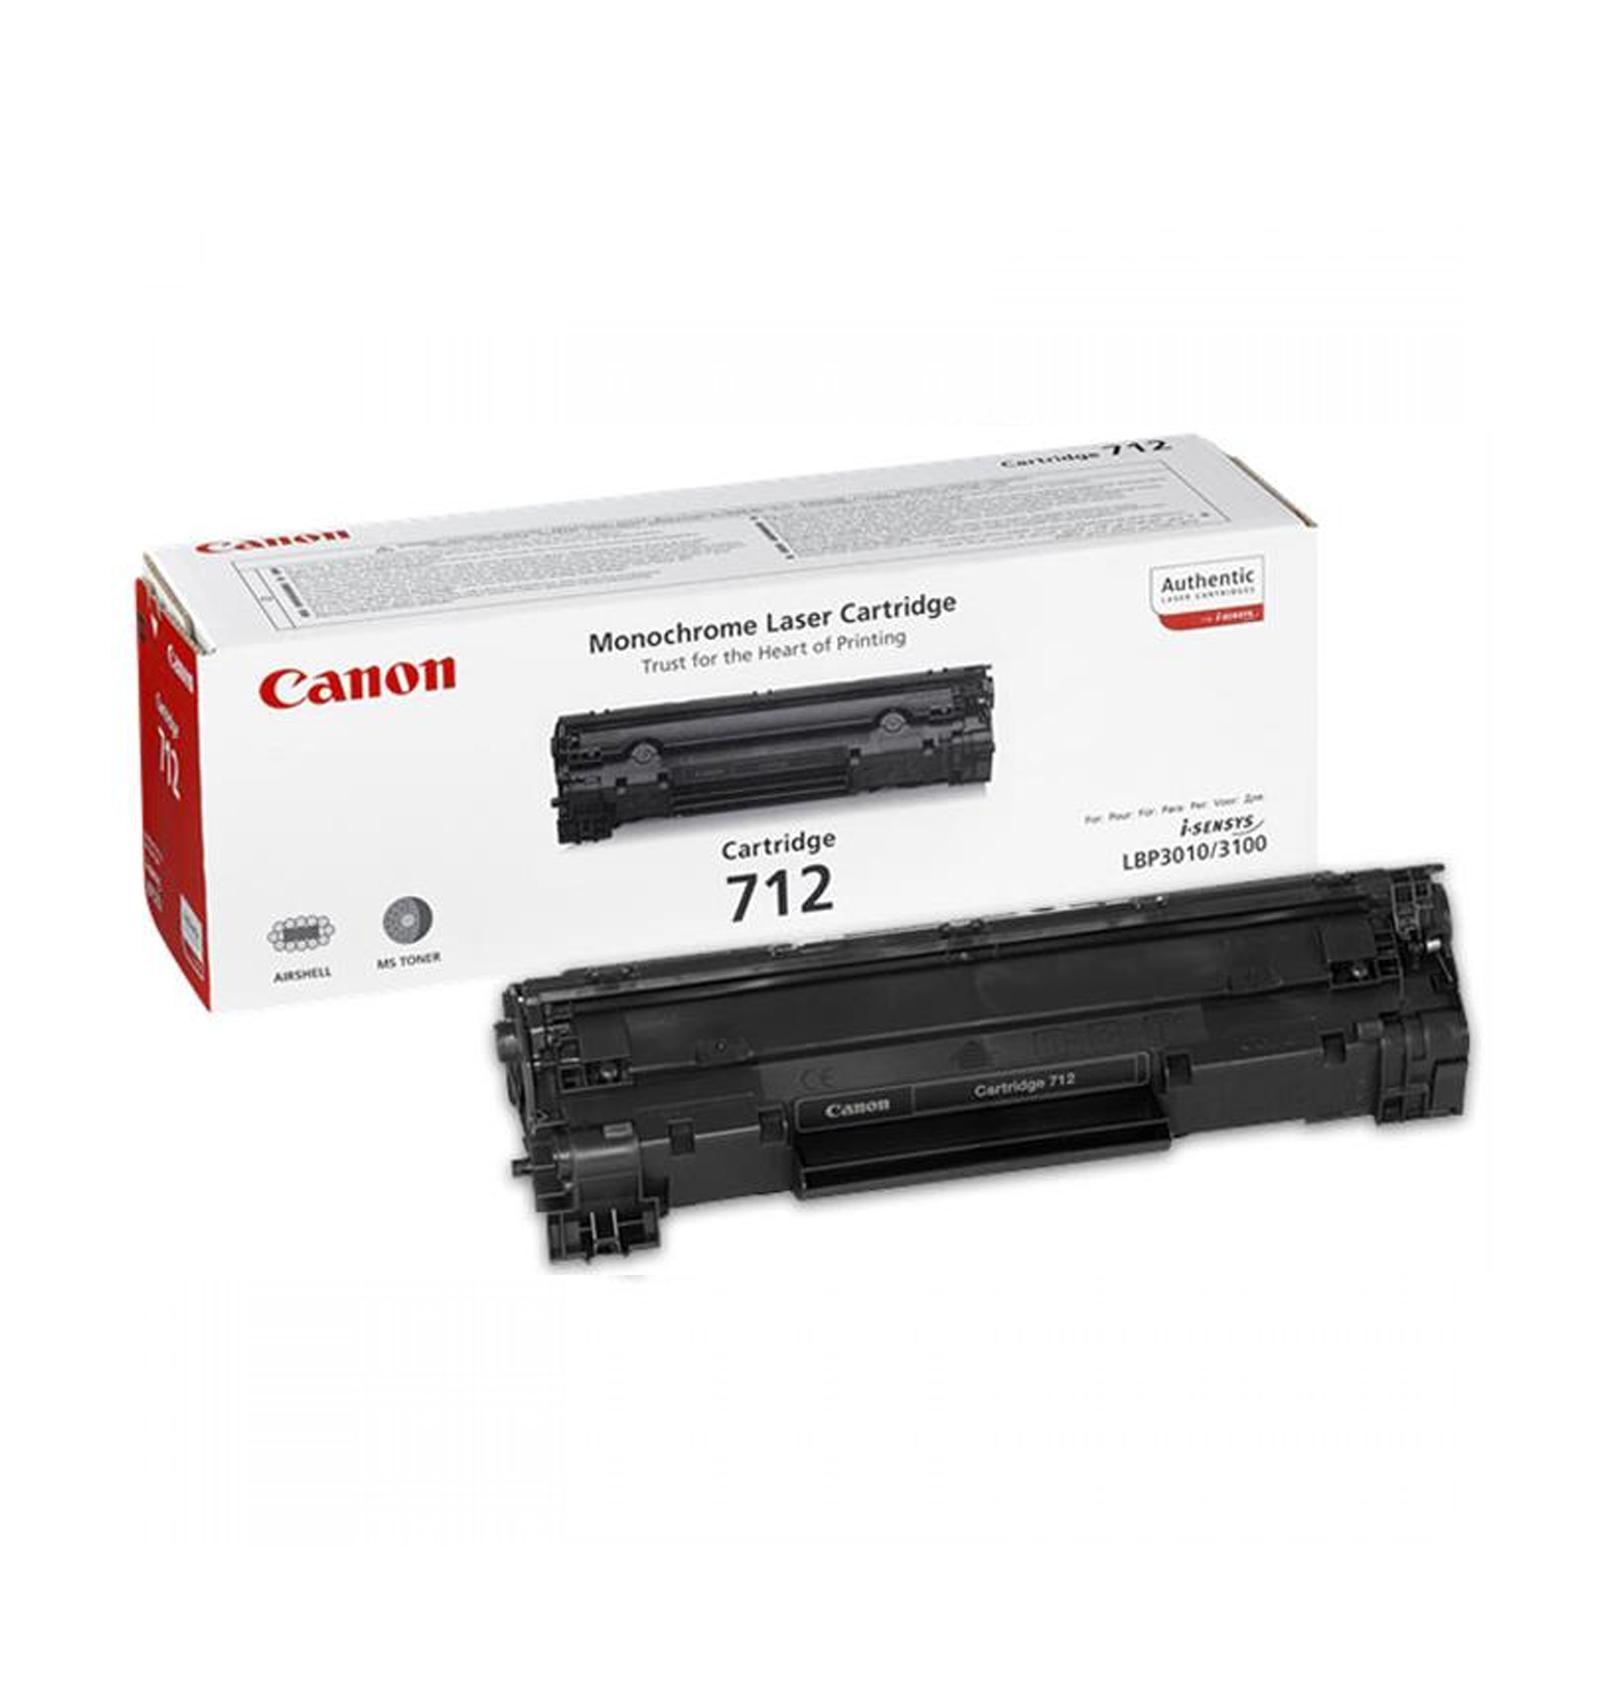 Заправка тонером картриджа Canon 712 для LBP 3010/3100